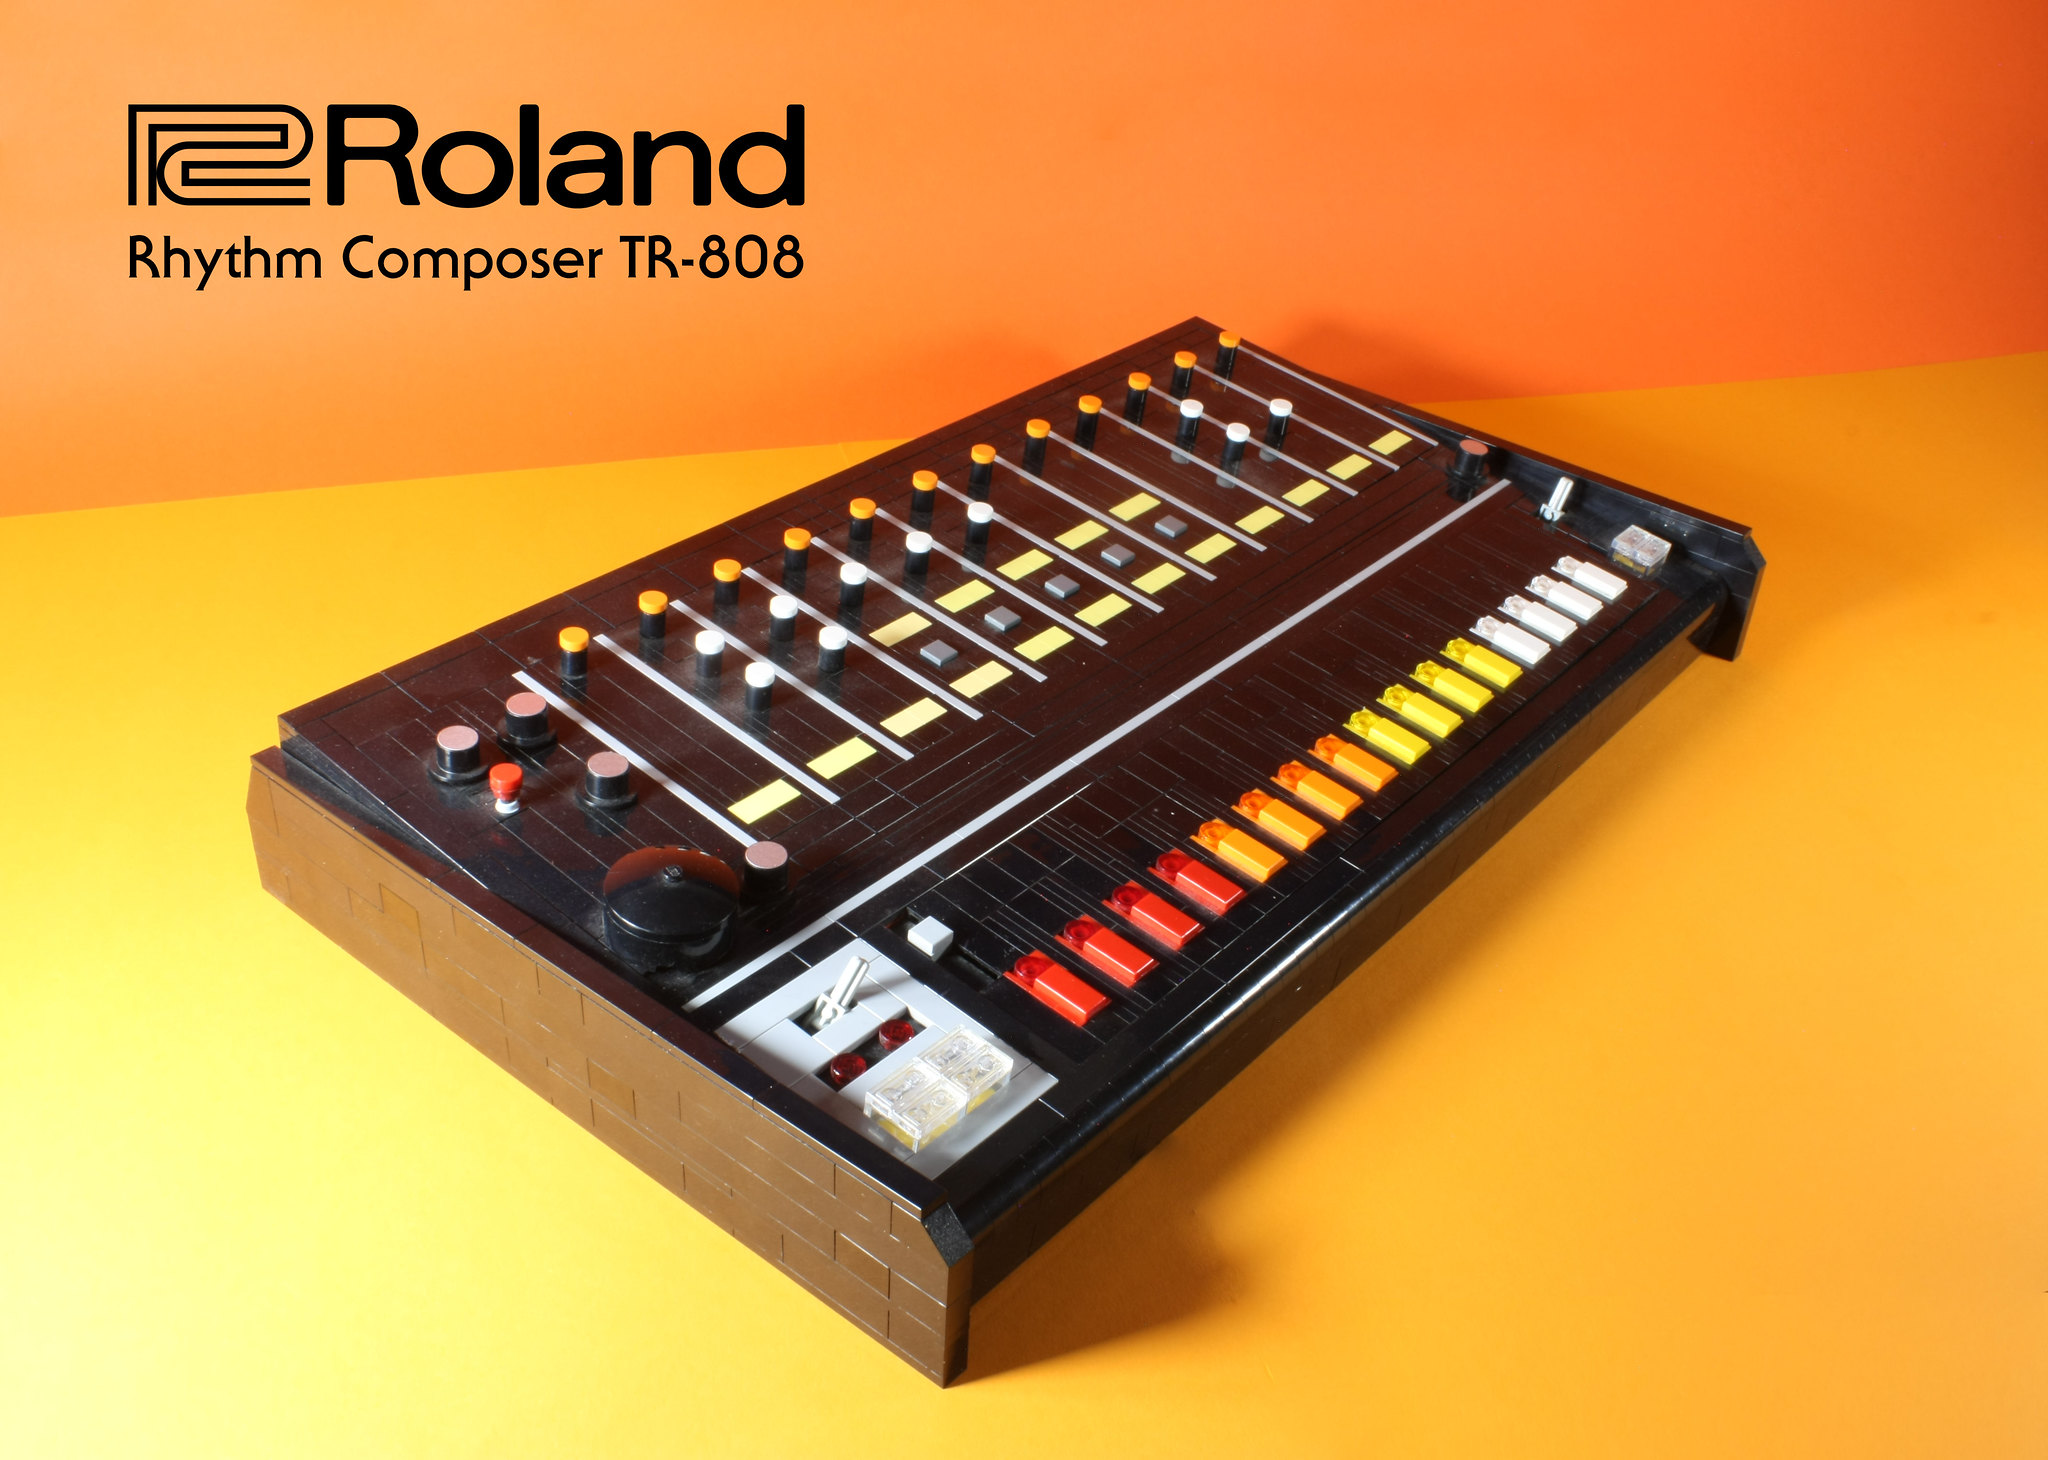 Roland Rhythm Composer TR-808